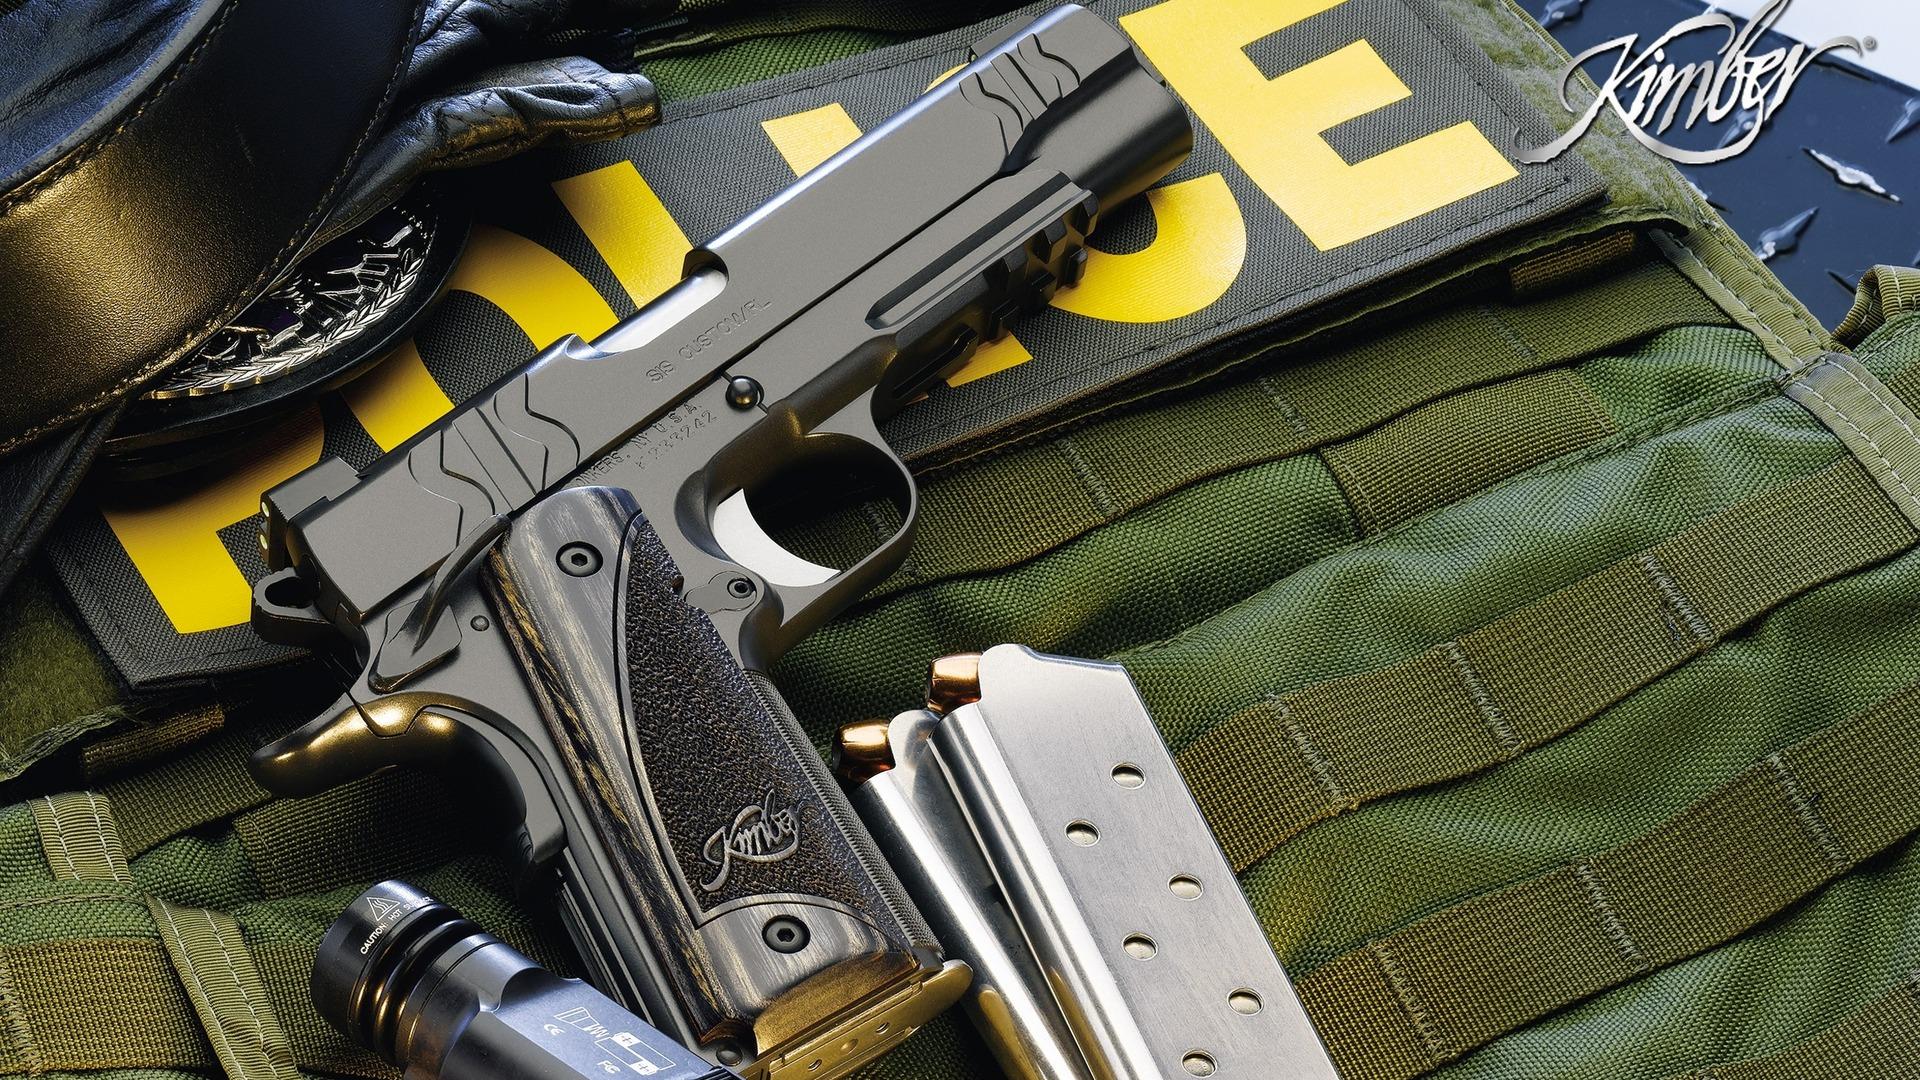 Kimber close up green gun kimber military police swat 1920x1080